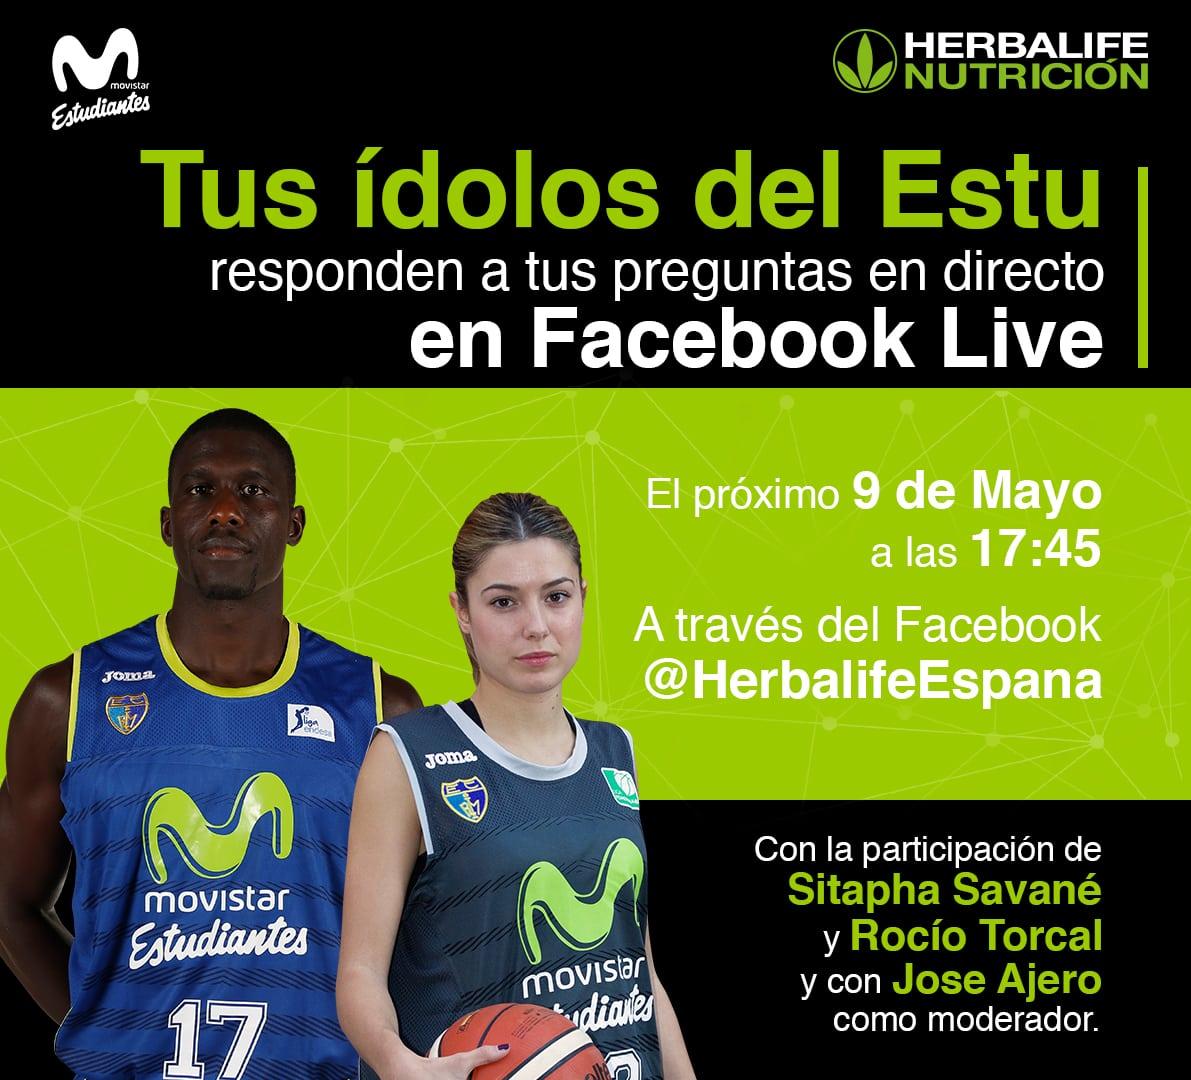 Herbalife presenta el Facebook Live con Sitapha Savane y Rocío Torcal el martes 9 a las 17:45h